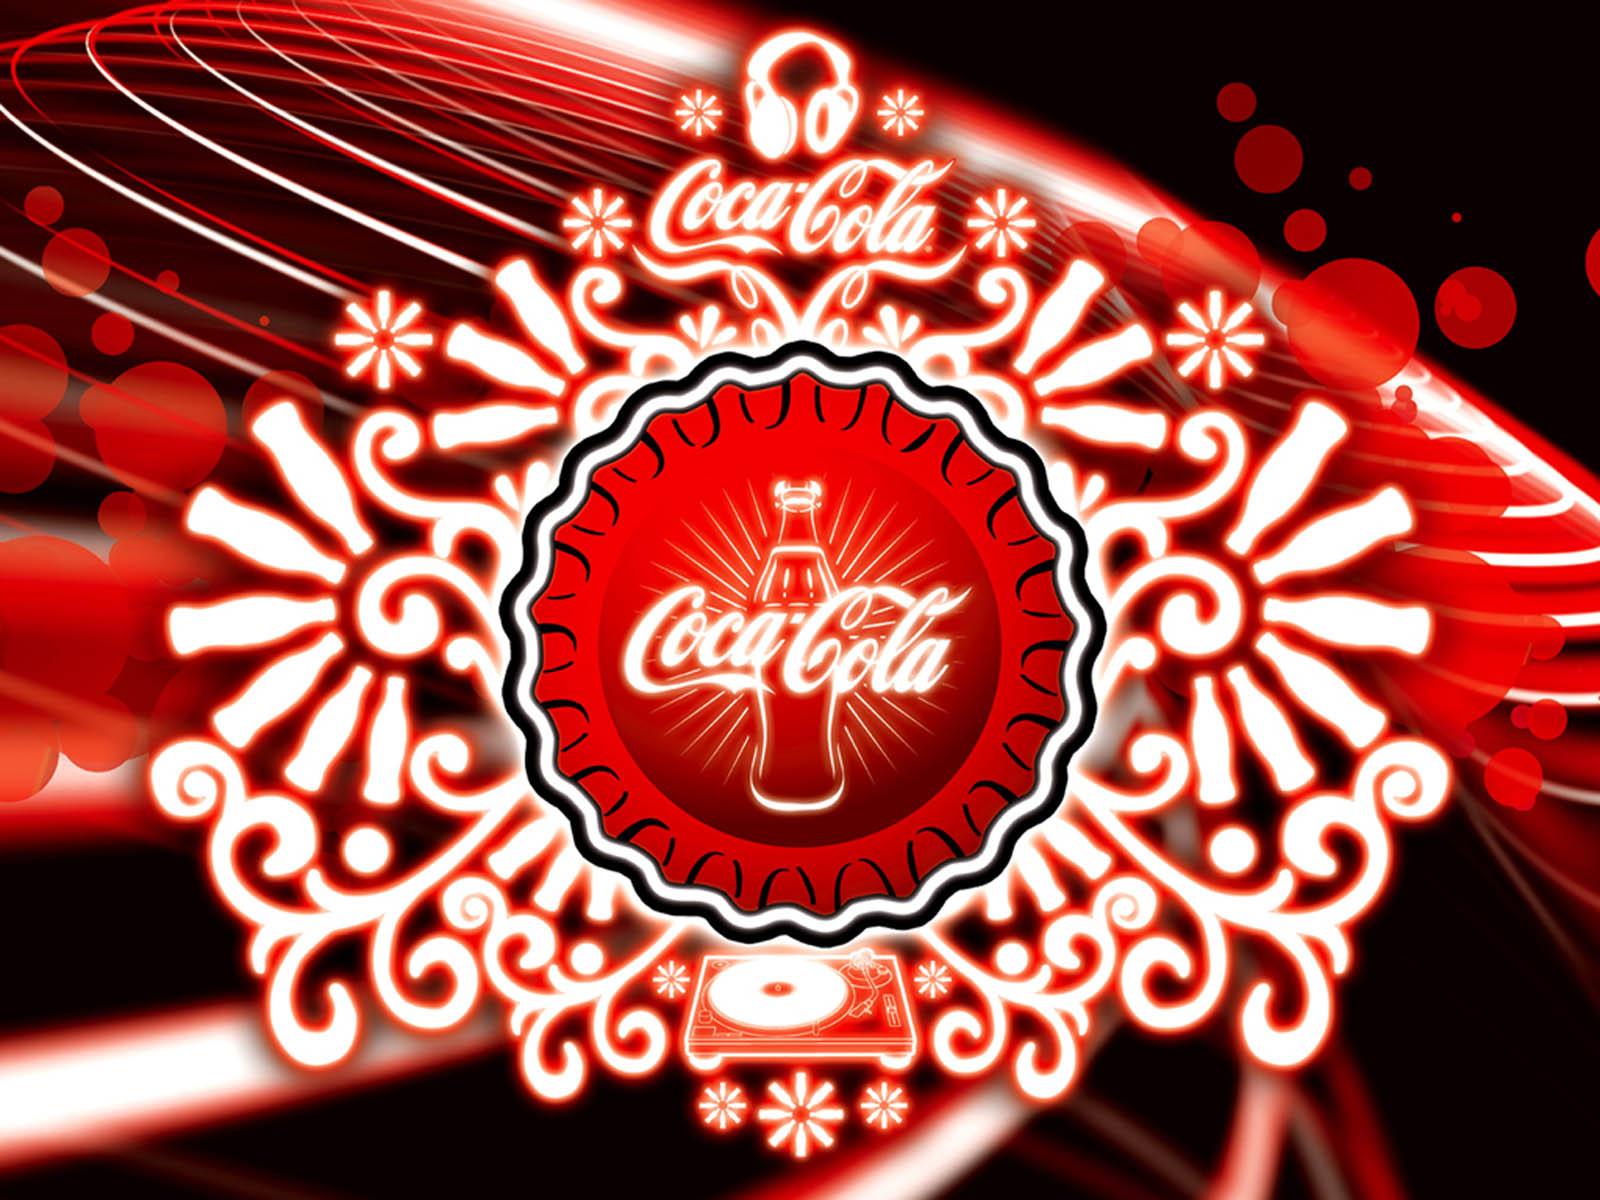 [47+] Coca Cola Christmas Wallpaper on WallpaperSafari